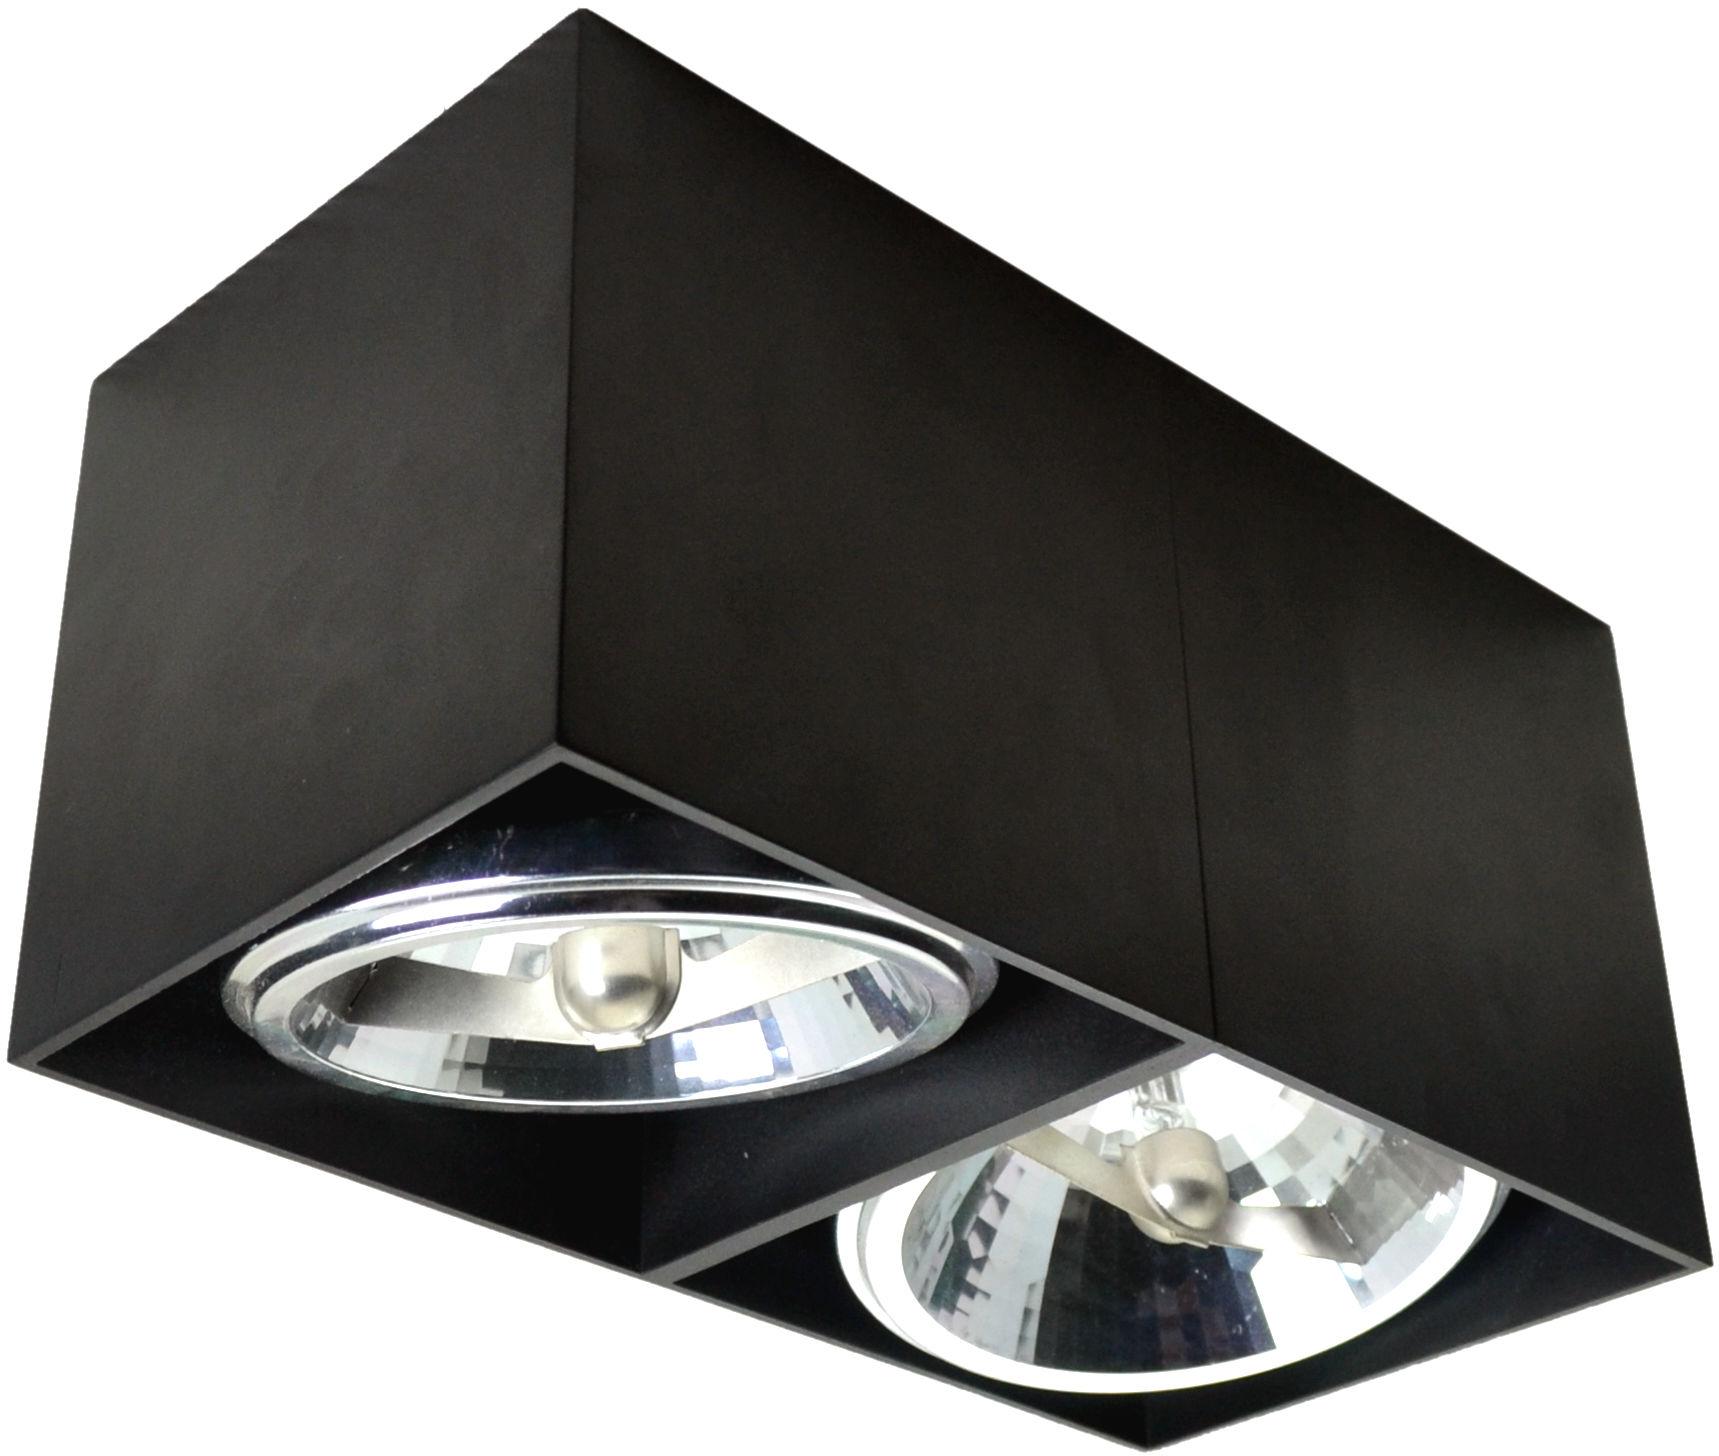 Lampa sufitowa SPOT BOX 90433-G9 CZARNA Zuma Line  SPRAWDŹ RABATY  5-10-15-20 % w koszyku